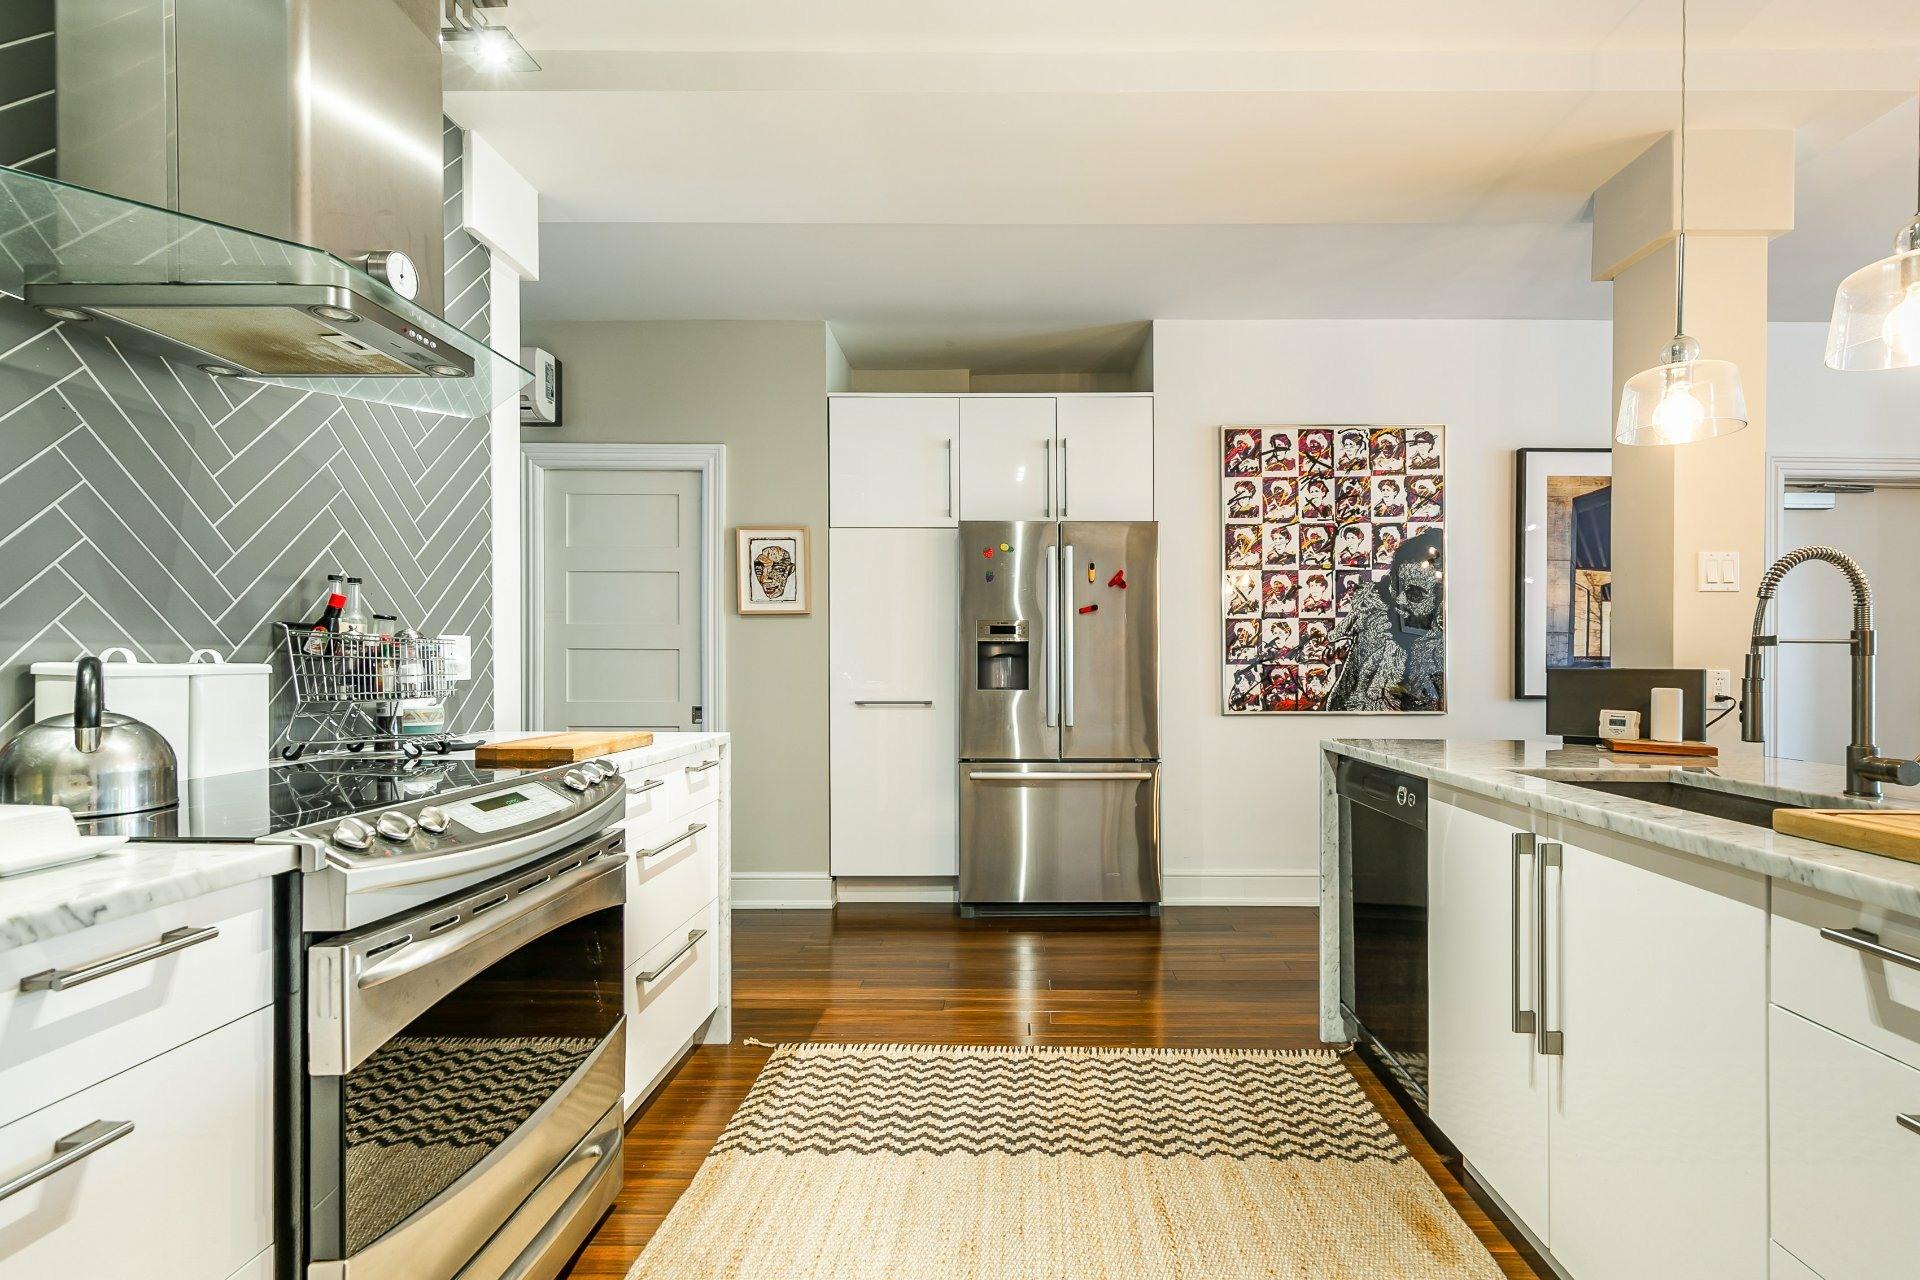 image 6 - Appartement À vendre Le Plateau-Mont-Royal Montréal  - 6 pièces